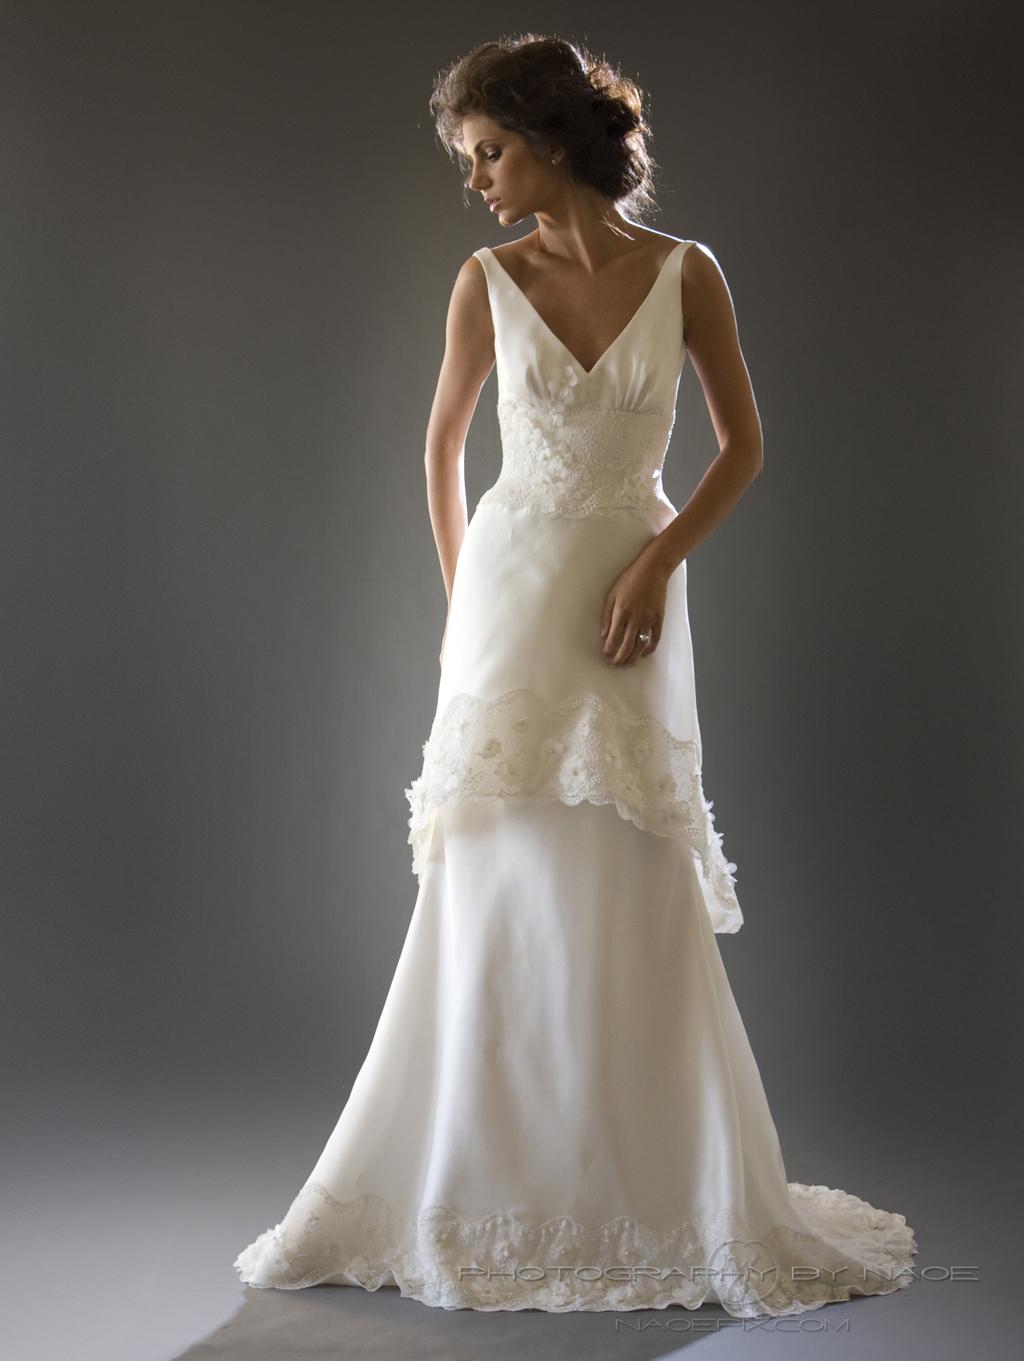 Wedding-dress-spring-2013-bridal_gown-cocoe-voci-7.full